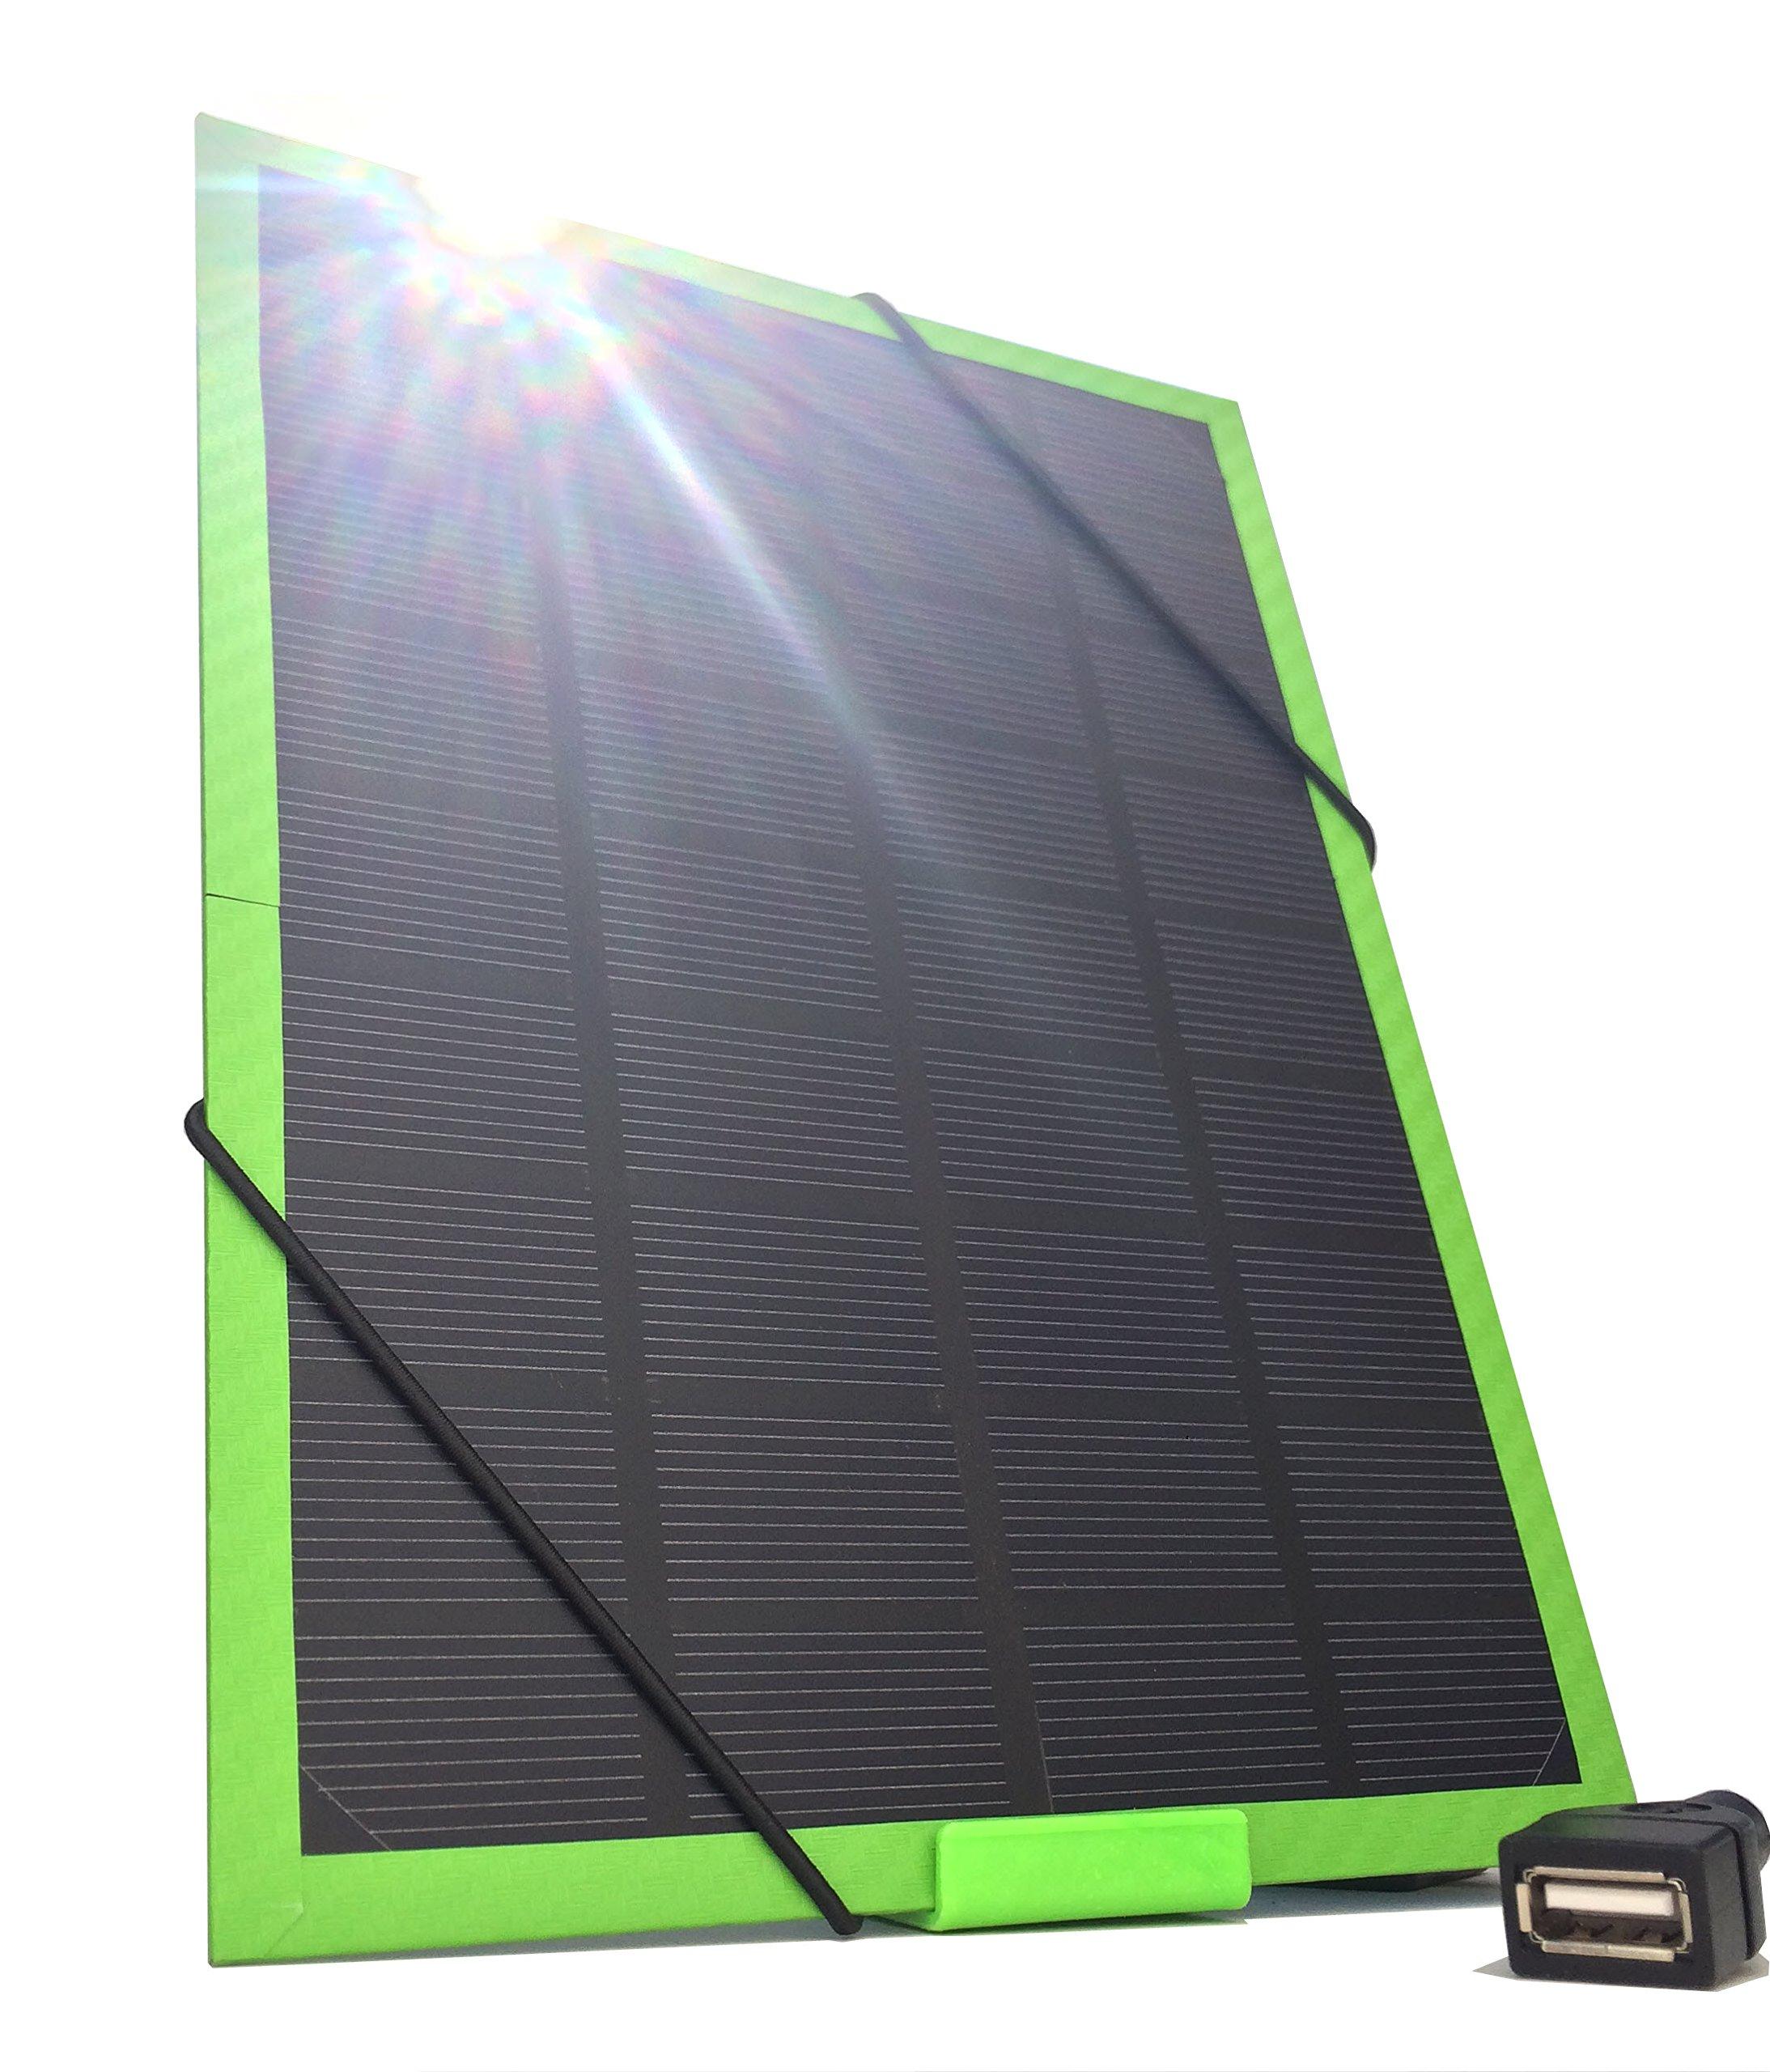 Cargador Solar Portatil de 5 Watts de Salida NEFF SOLAR Verd